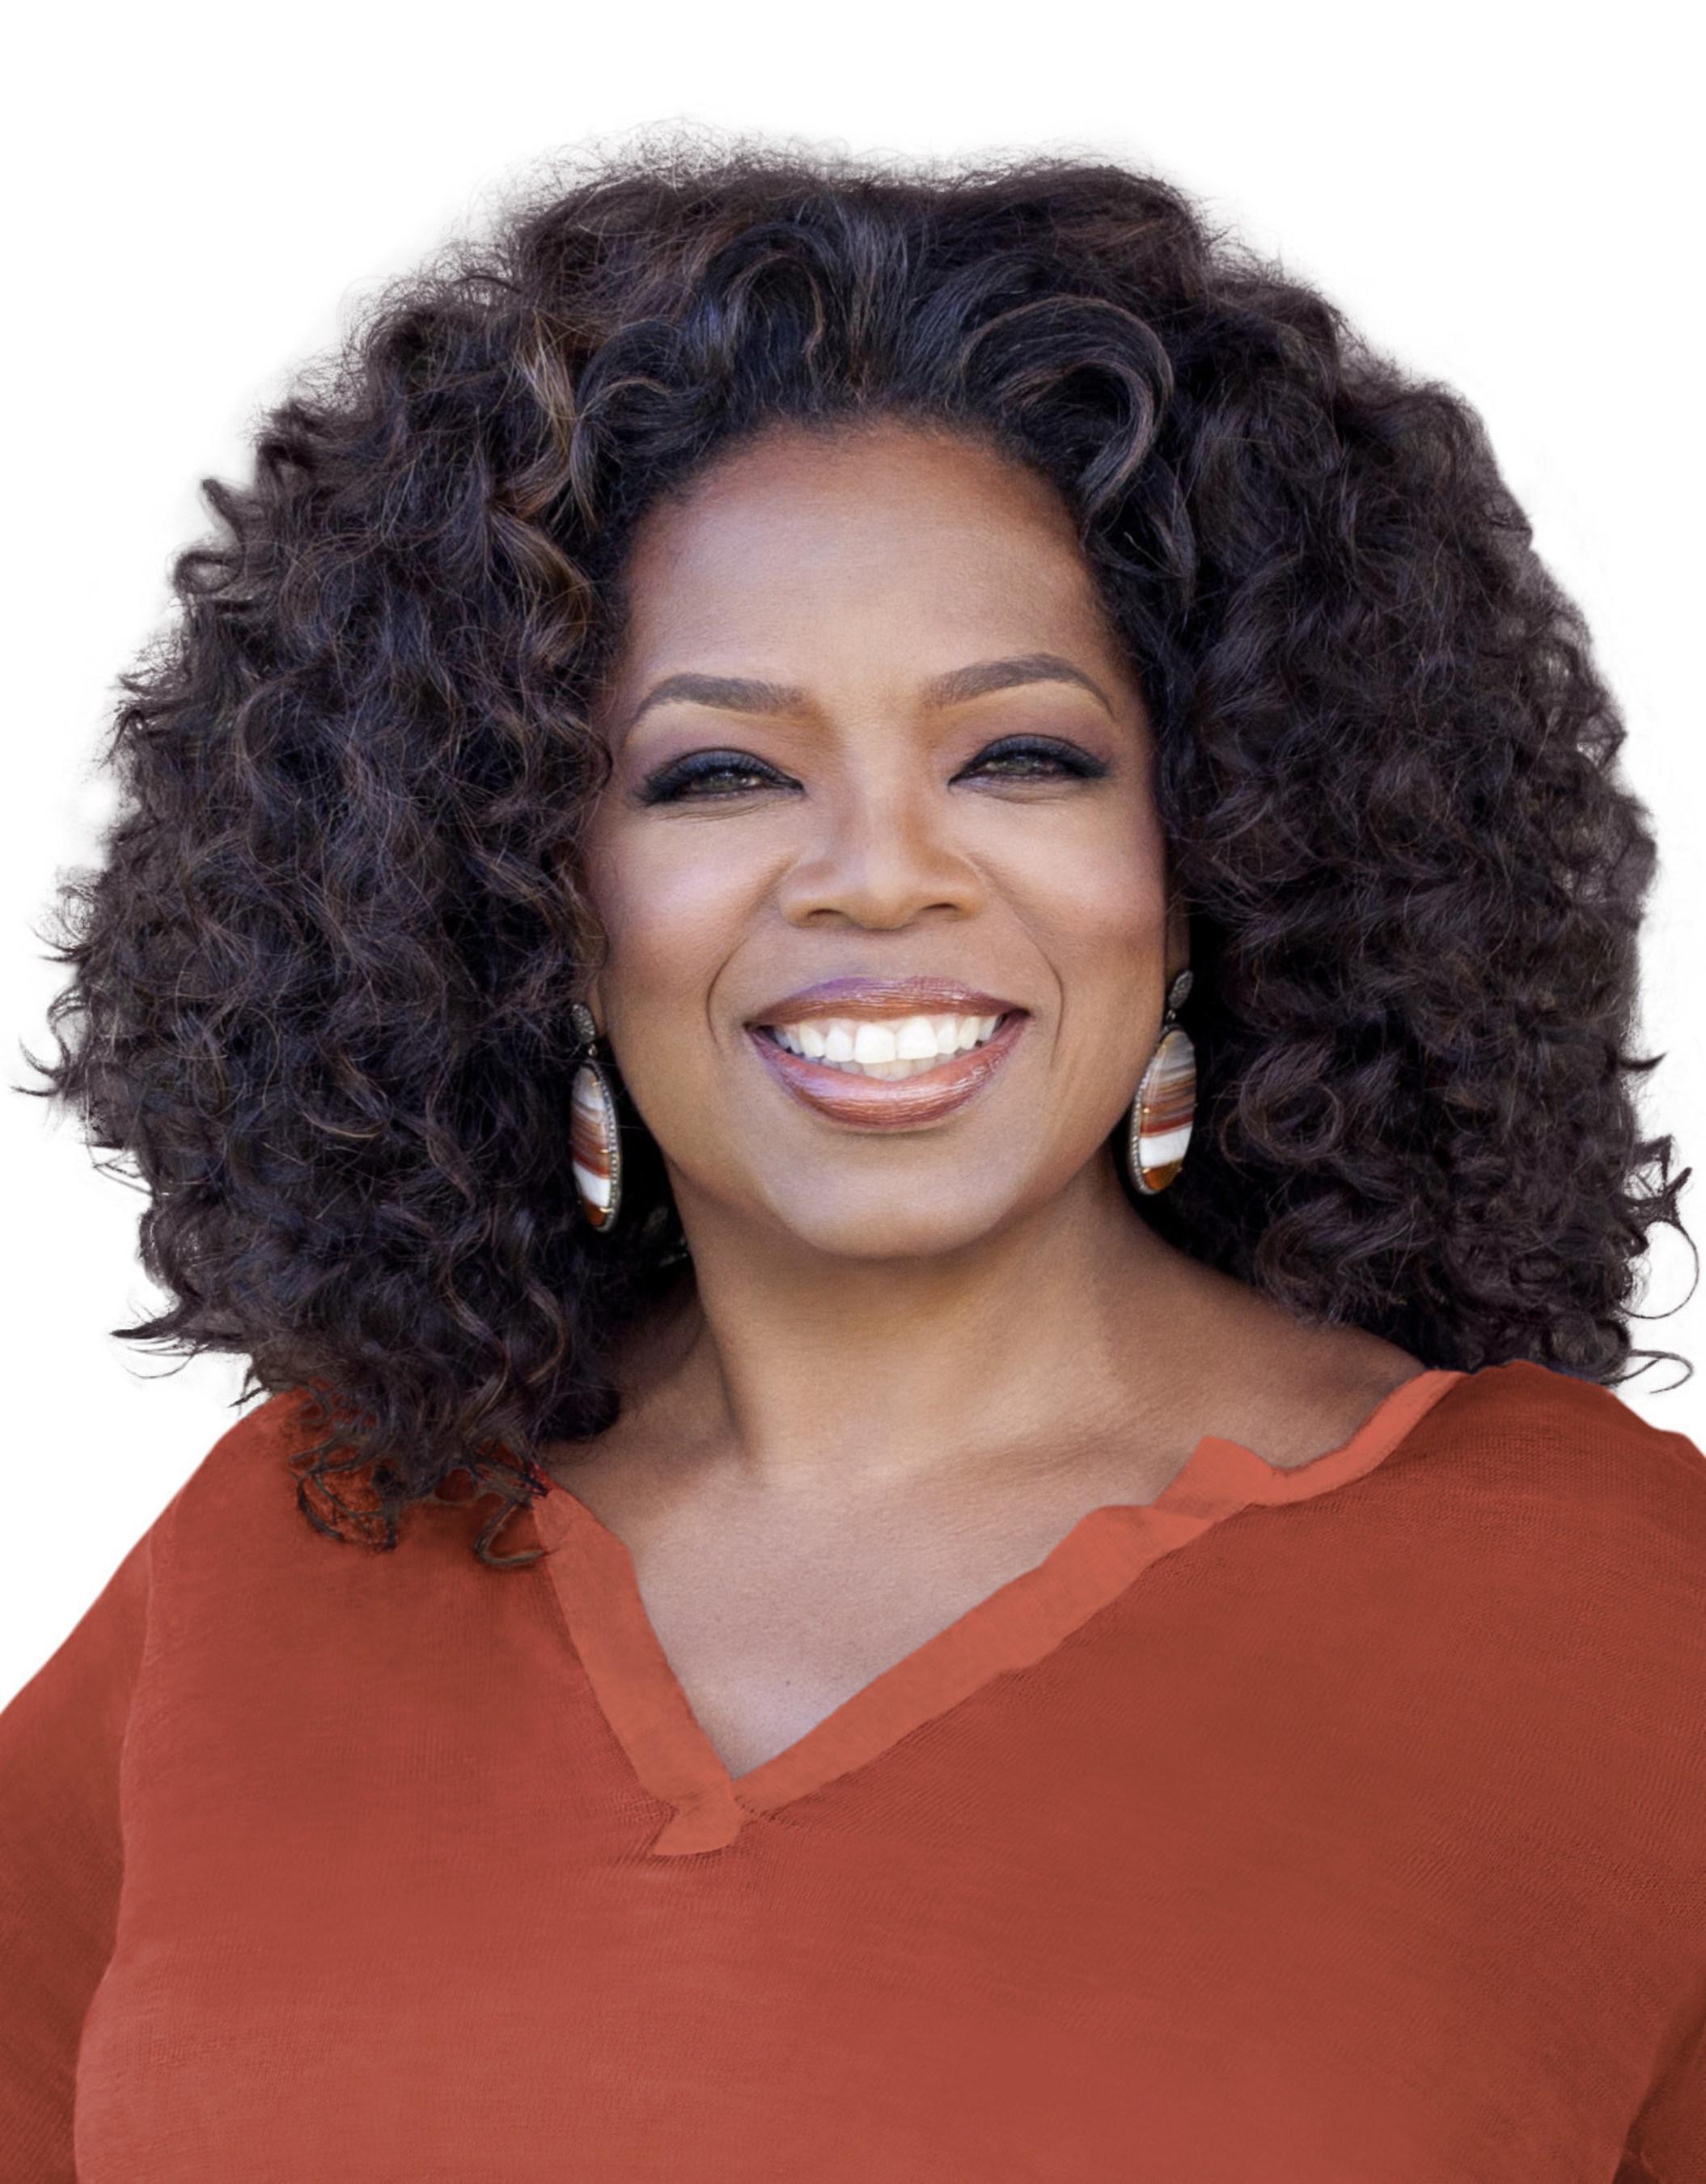 Oprah Winfrey und Weight Watchers schließen sich zu zukunftsweisender Partnerschaft zusammen